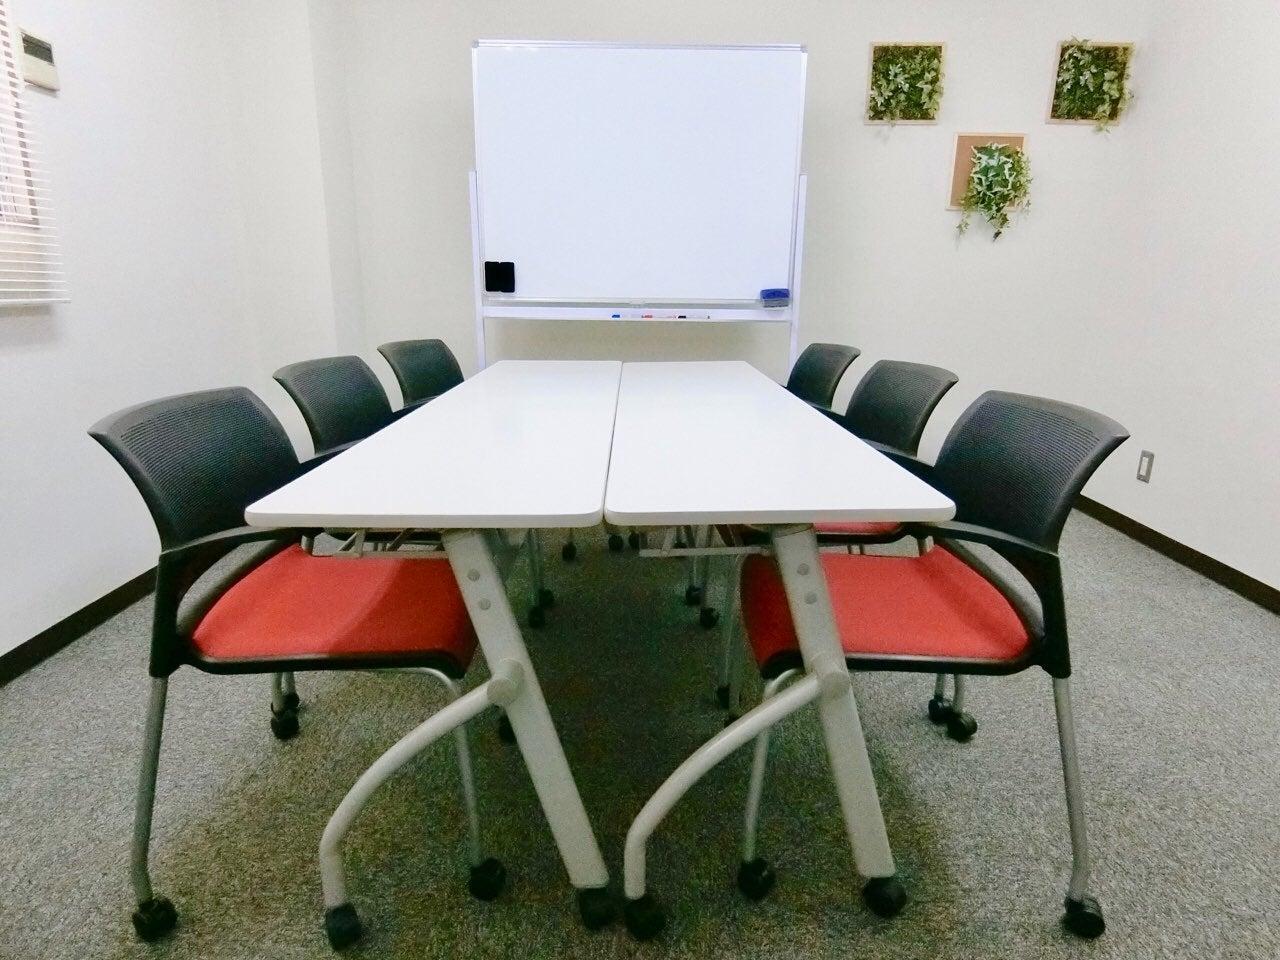 【本町4分】モダンでおしゃれな少人数向け貸し会議室「みーてぃんぐすぺーす本町」プロジェクター無料 の写真